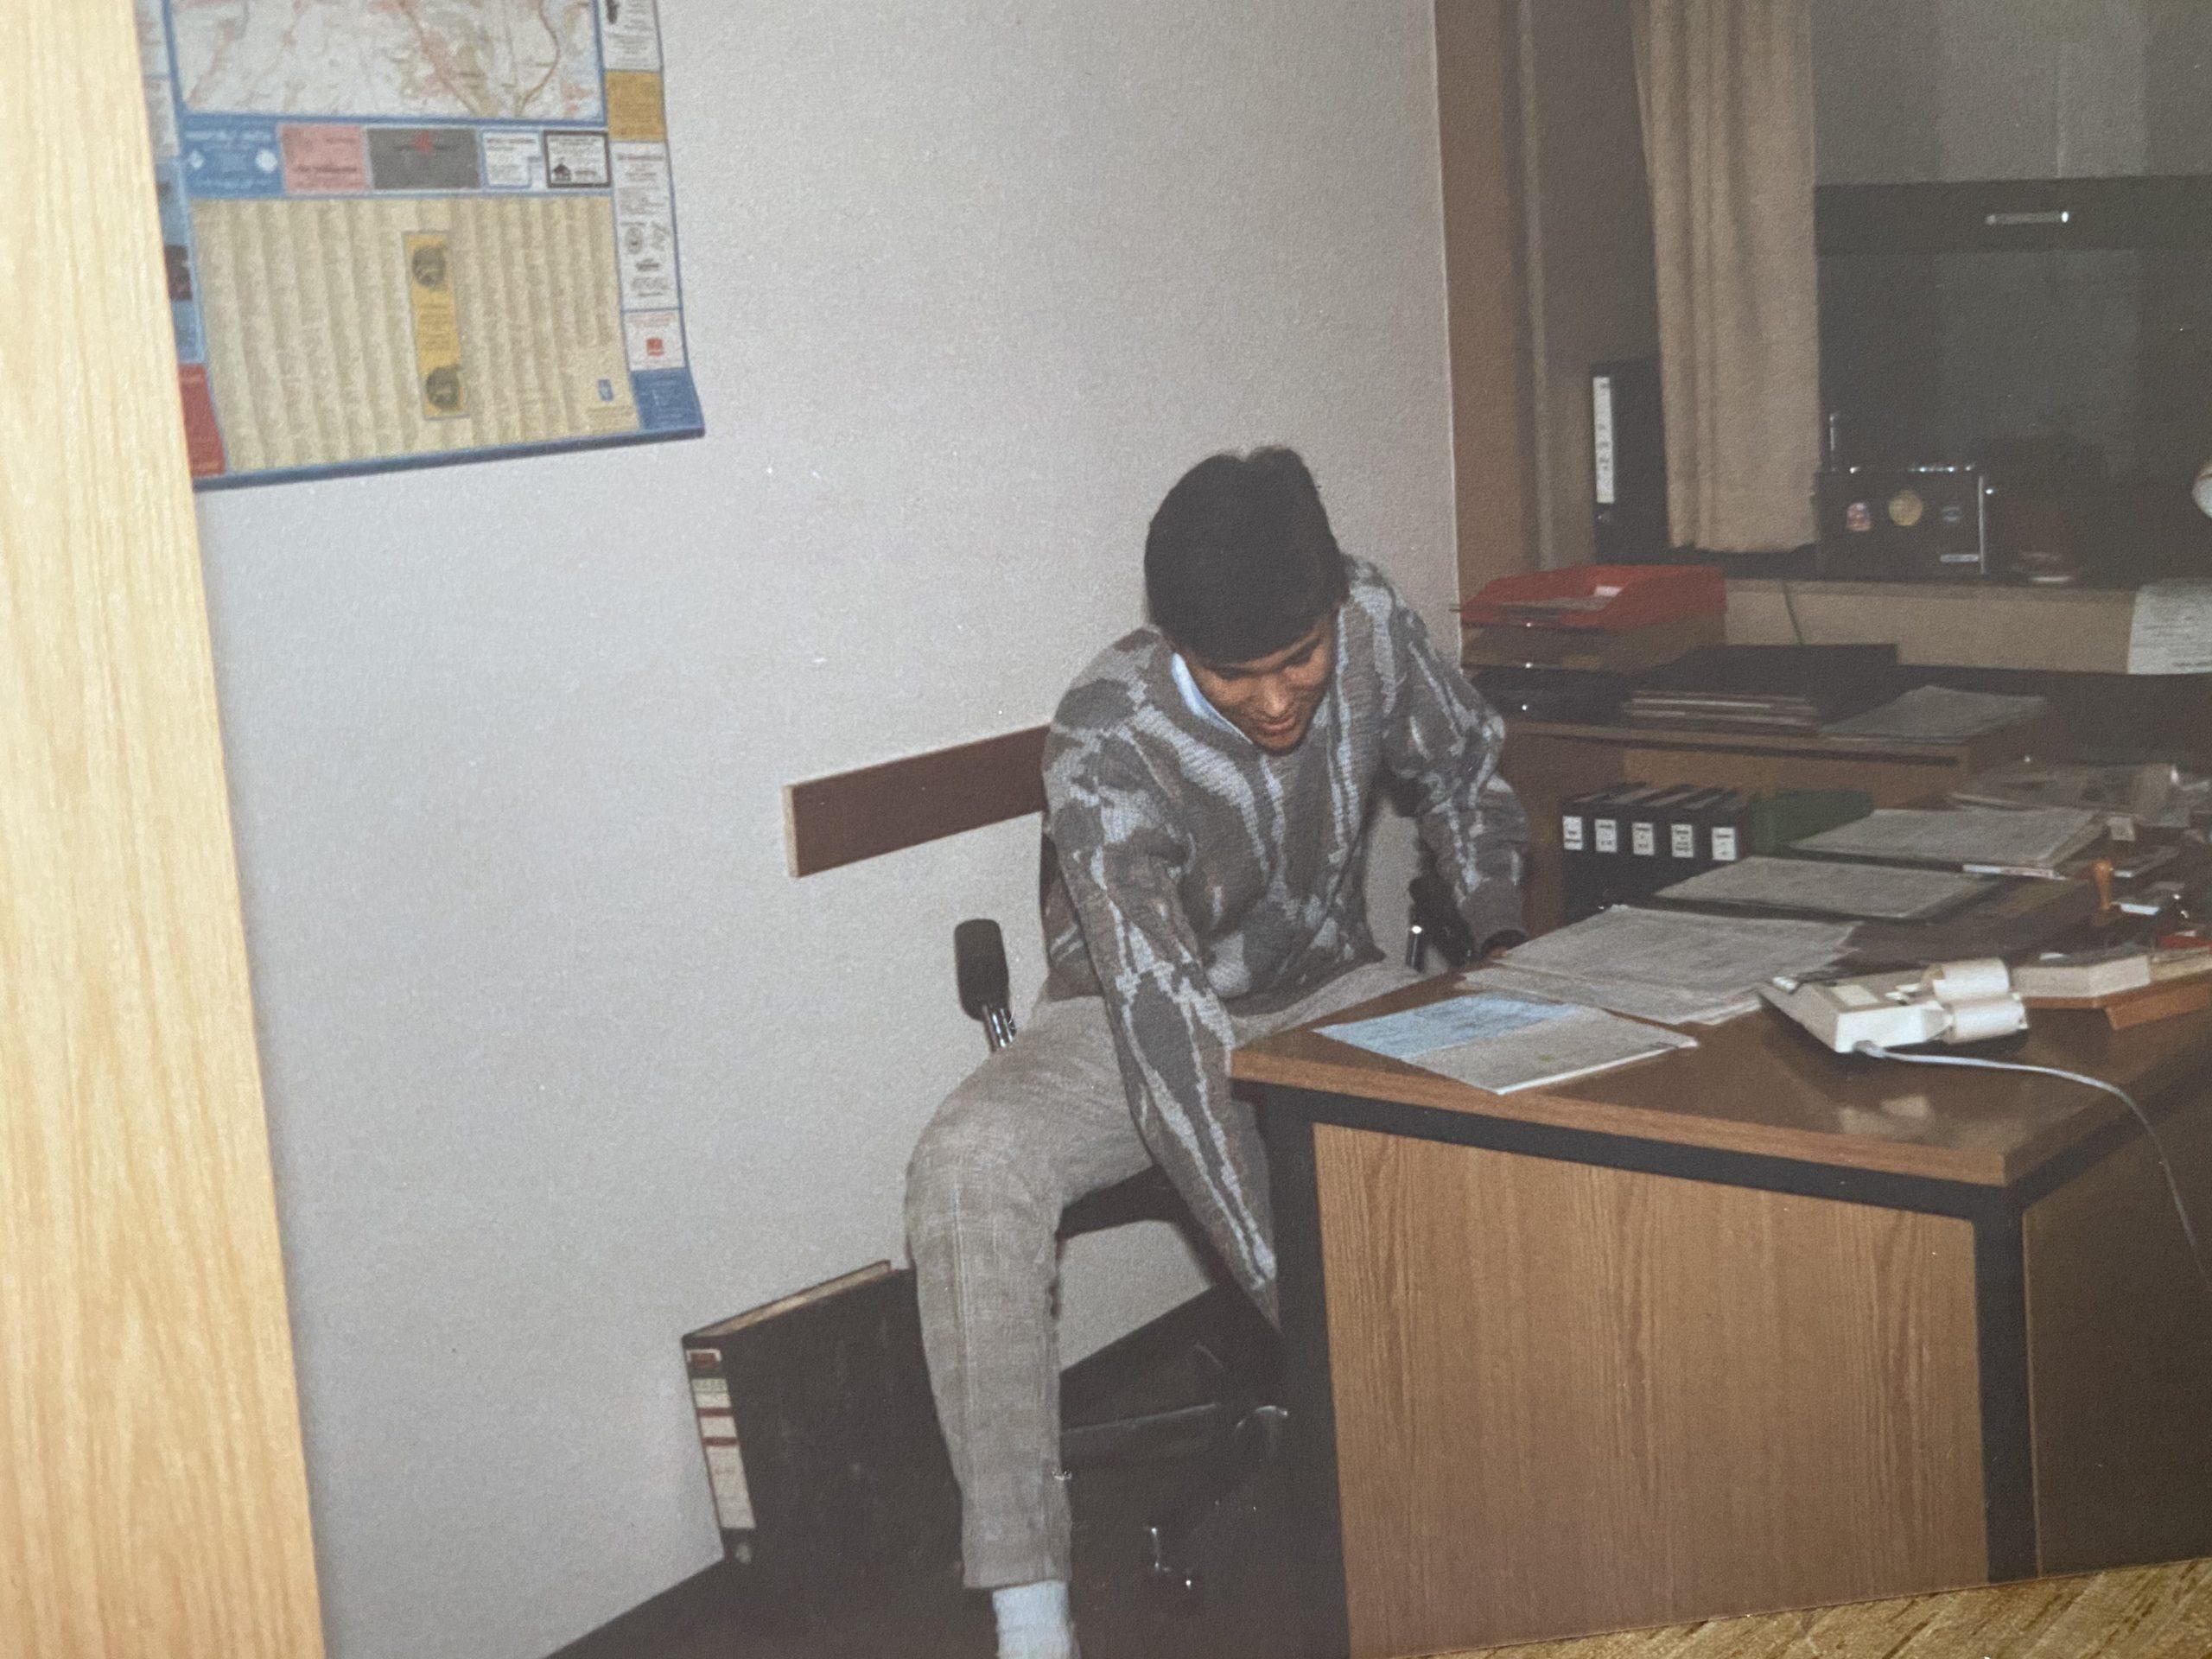 Mein erstes Büro bei der Polizeiverwaltung. Seht ihr die Rechenmaschine?